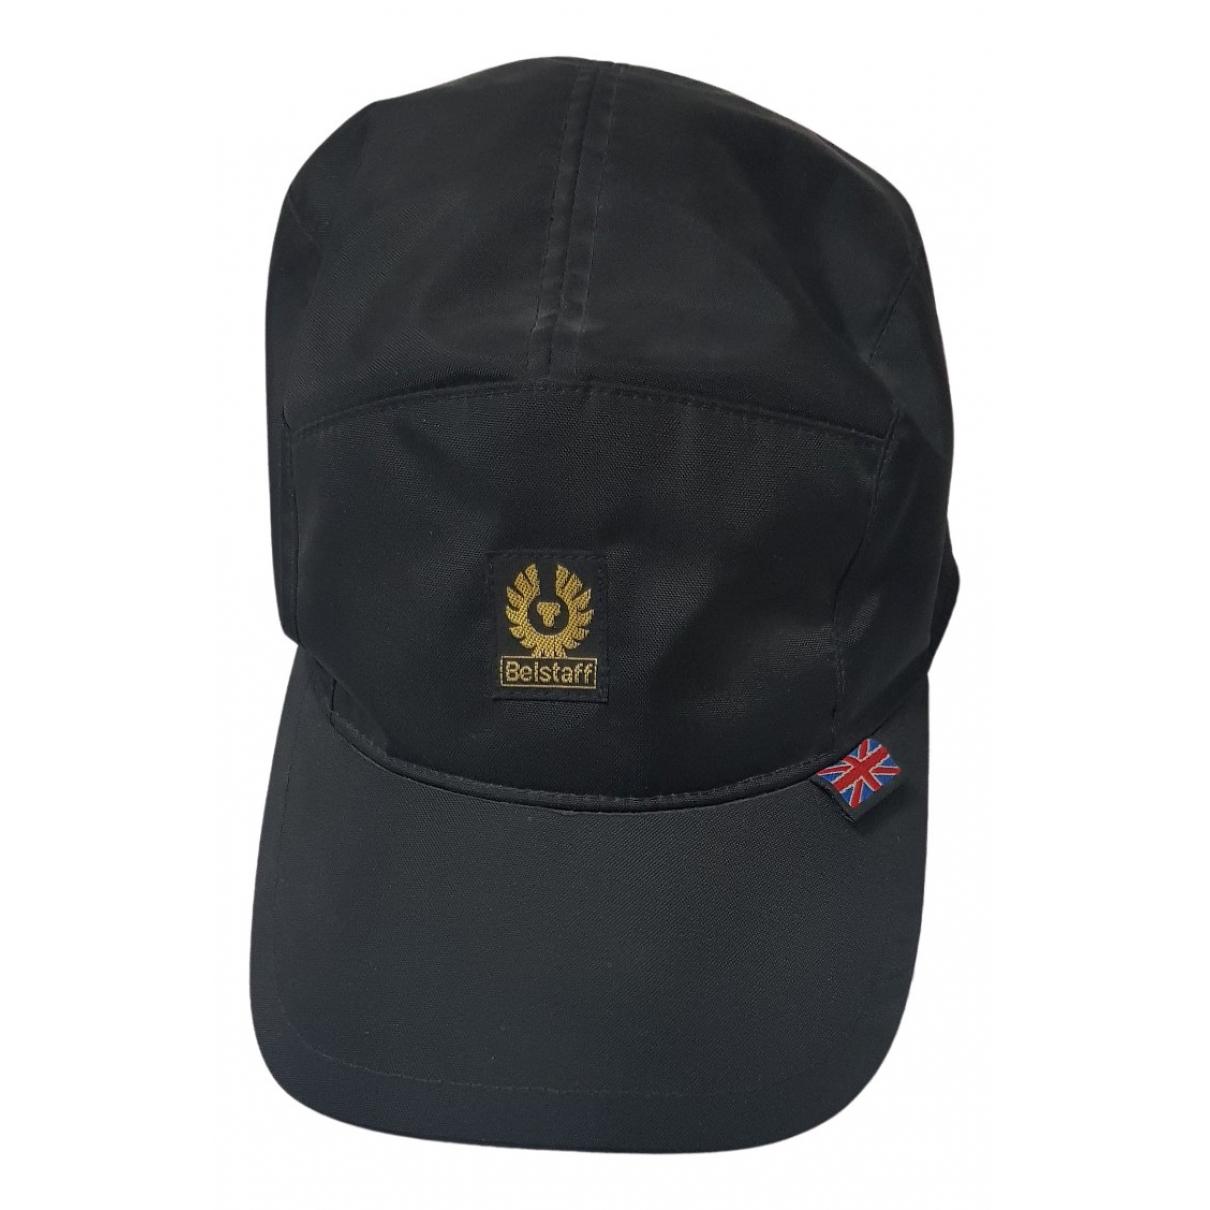 Belstaff - Chapeau & Bonnets   pour homme - noir